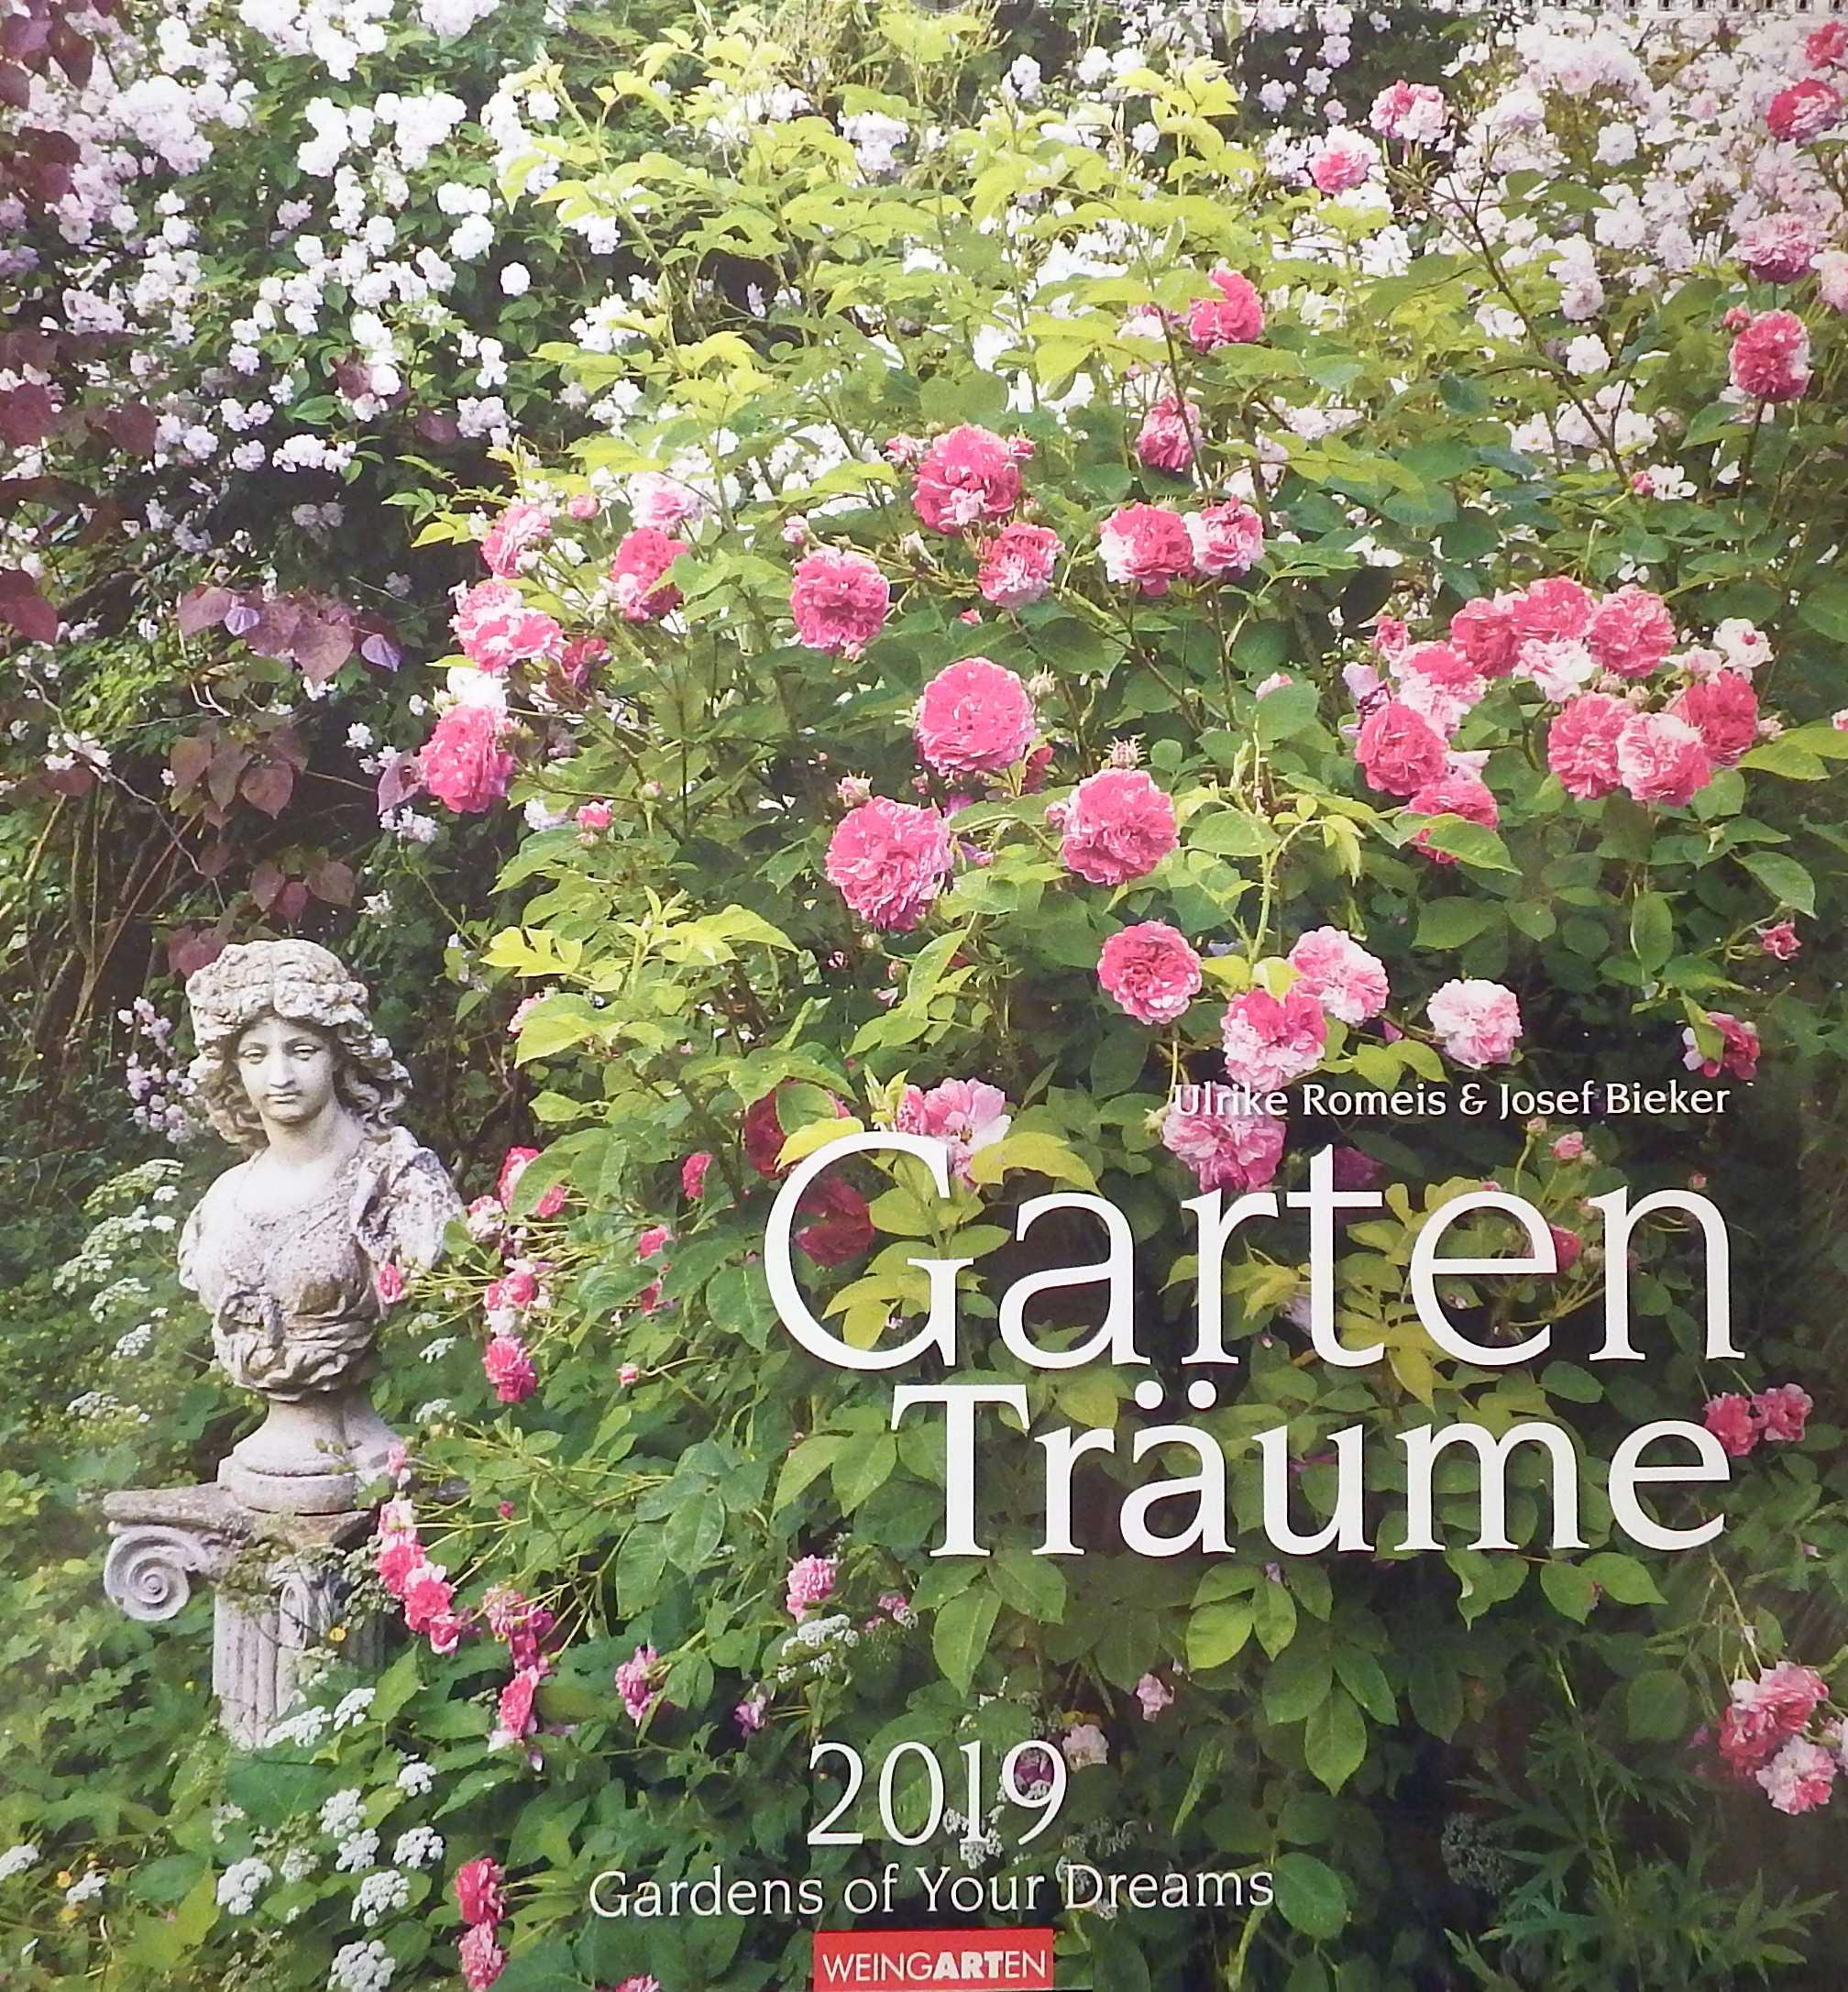 Garten Träume